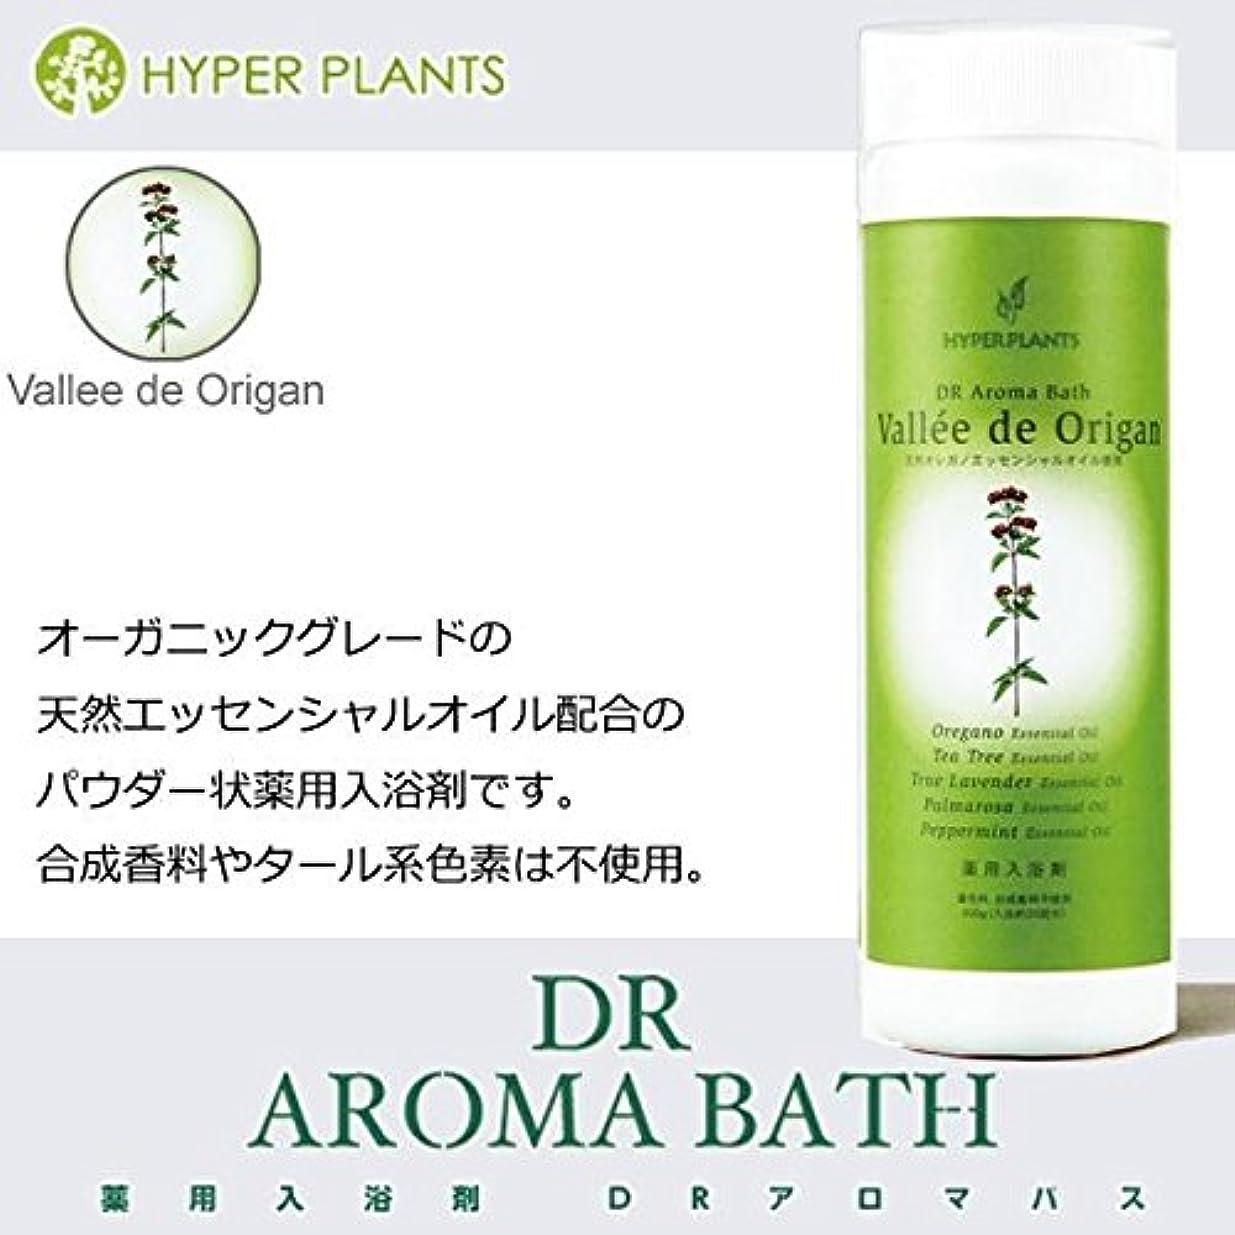 移行する慣れる指導する医薬部外品 薬用入浴剤 ハイパープランツ(HYPER PLANTS) DRアロマバス ヴァレドオリガン 500g HN0218